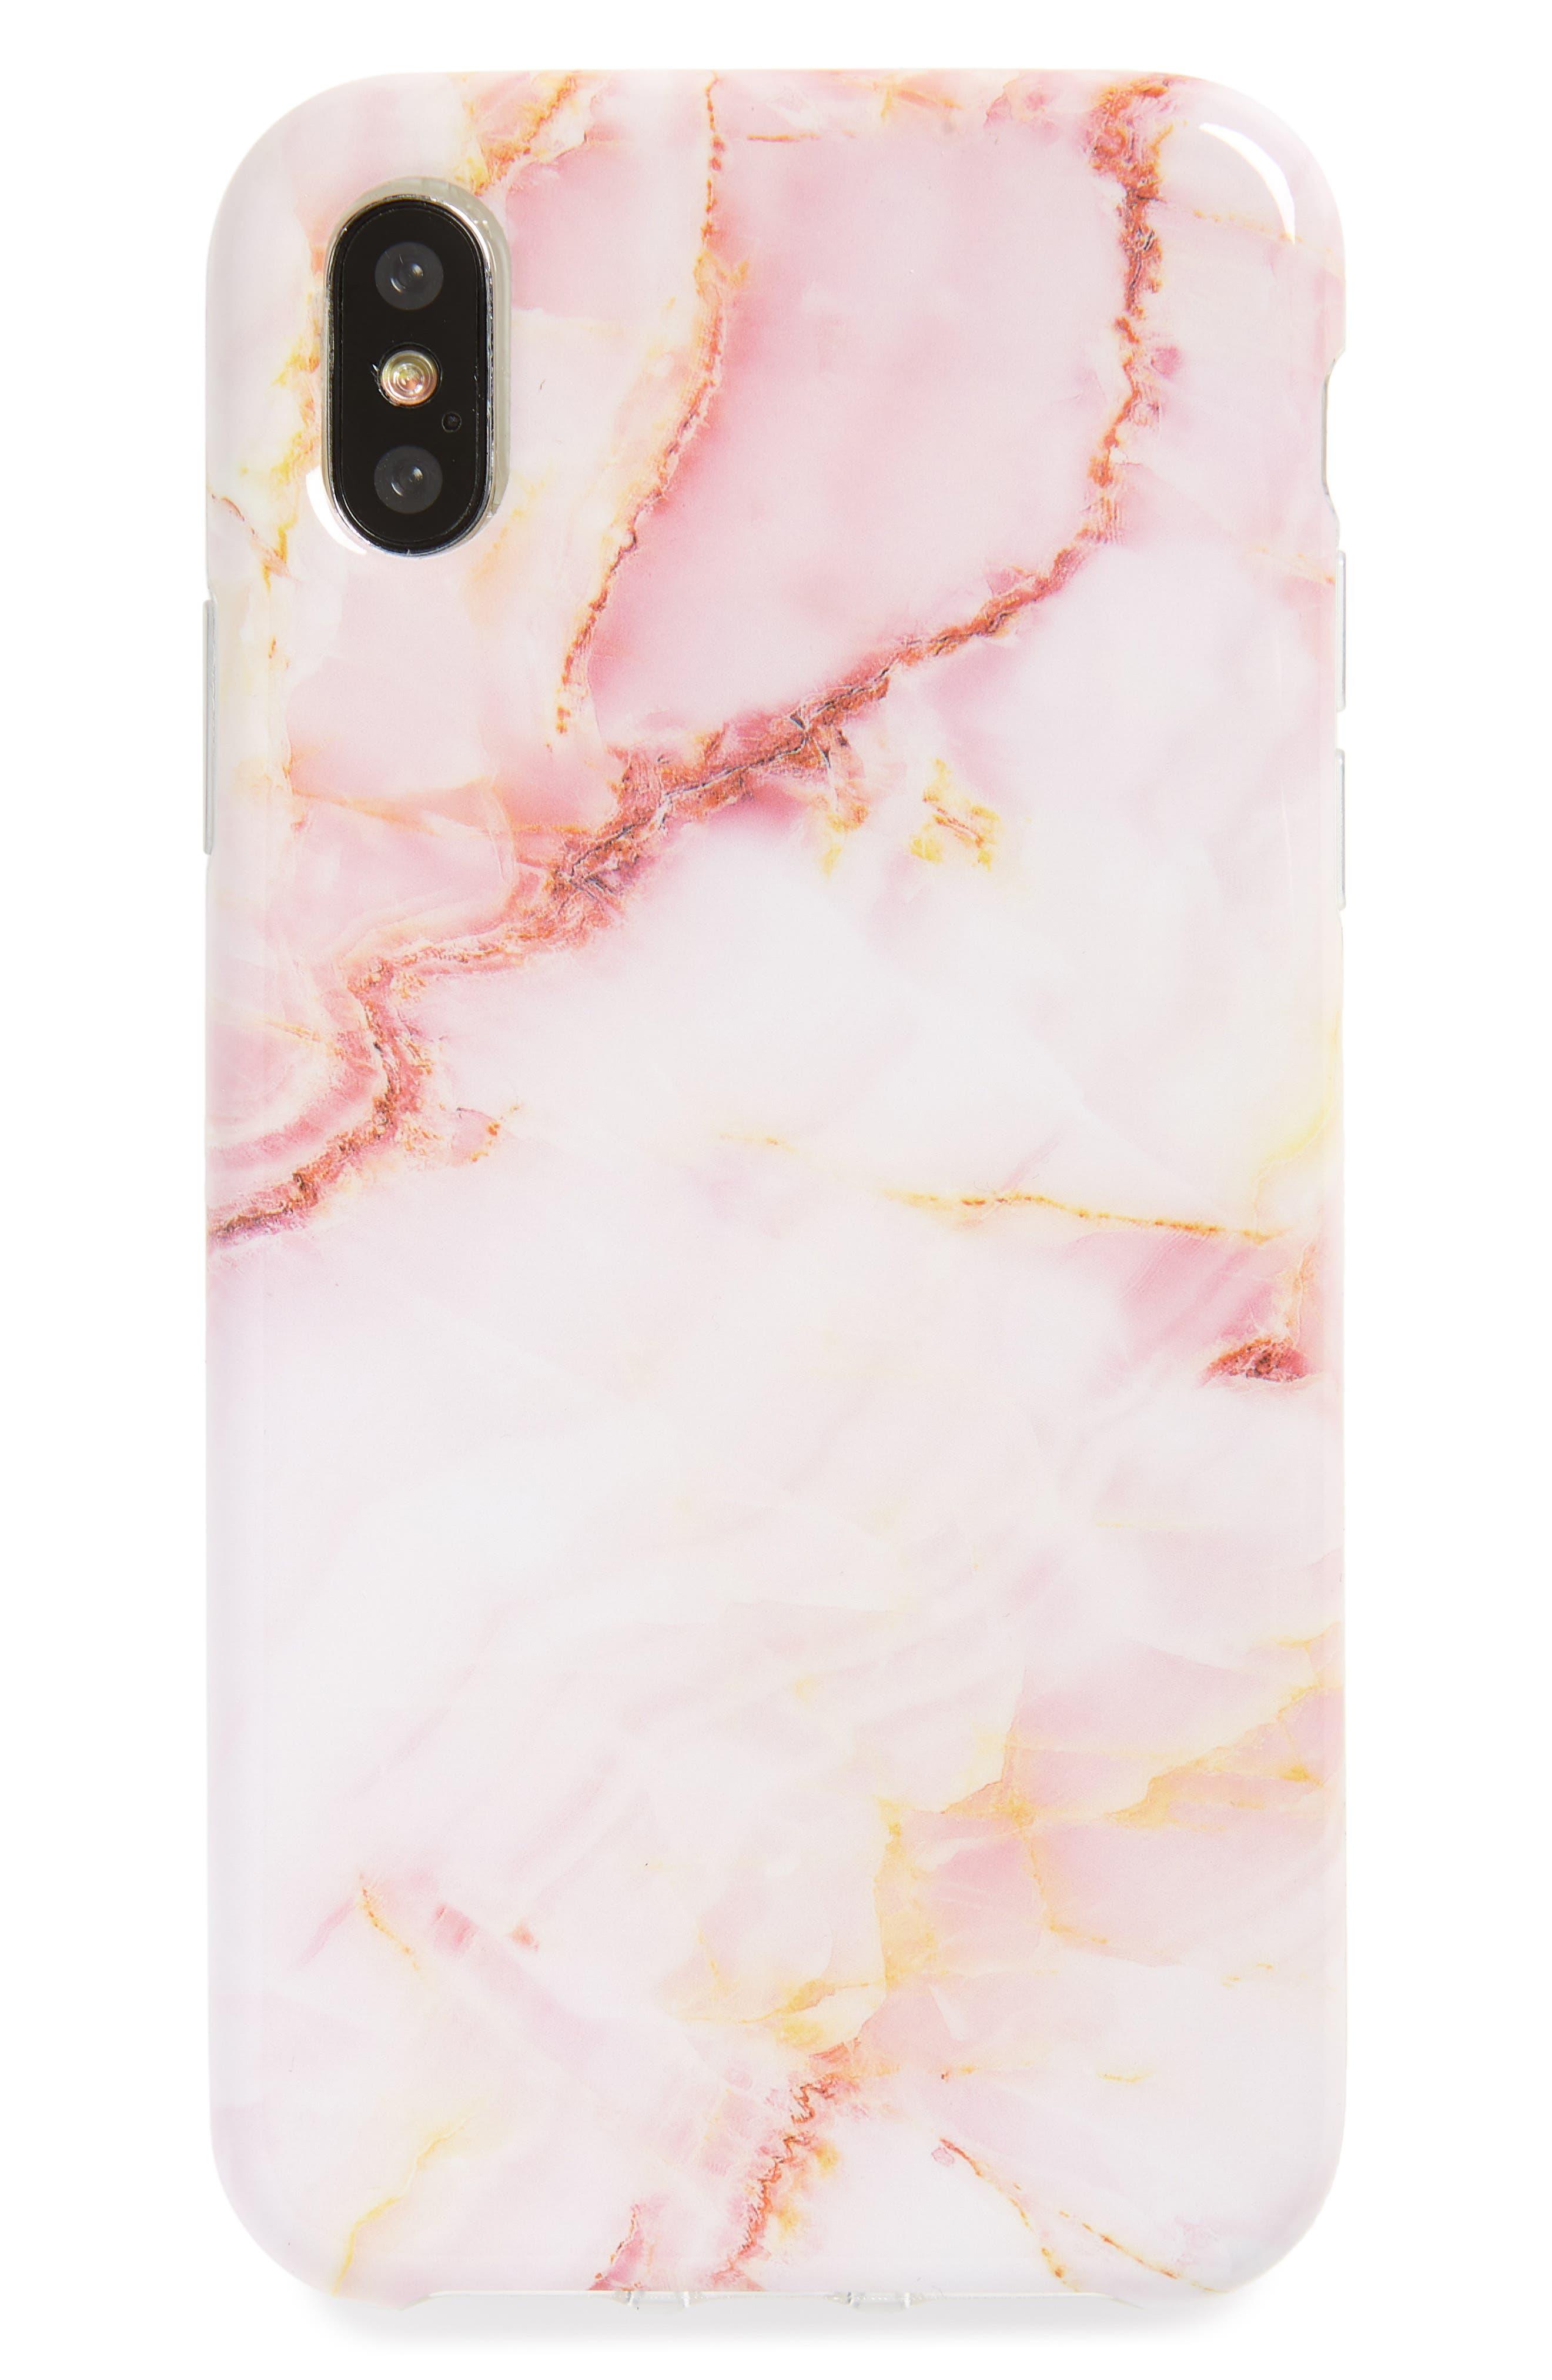 Quartz Print iPhone X Case,                             Main thumbnail 1, color,                             Miscellaneous